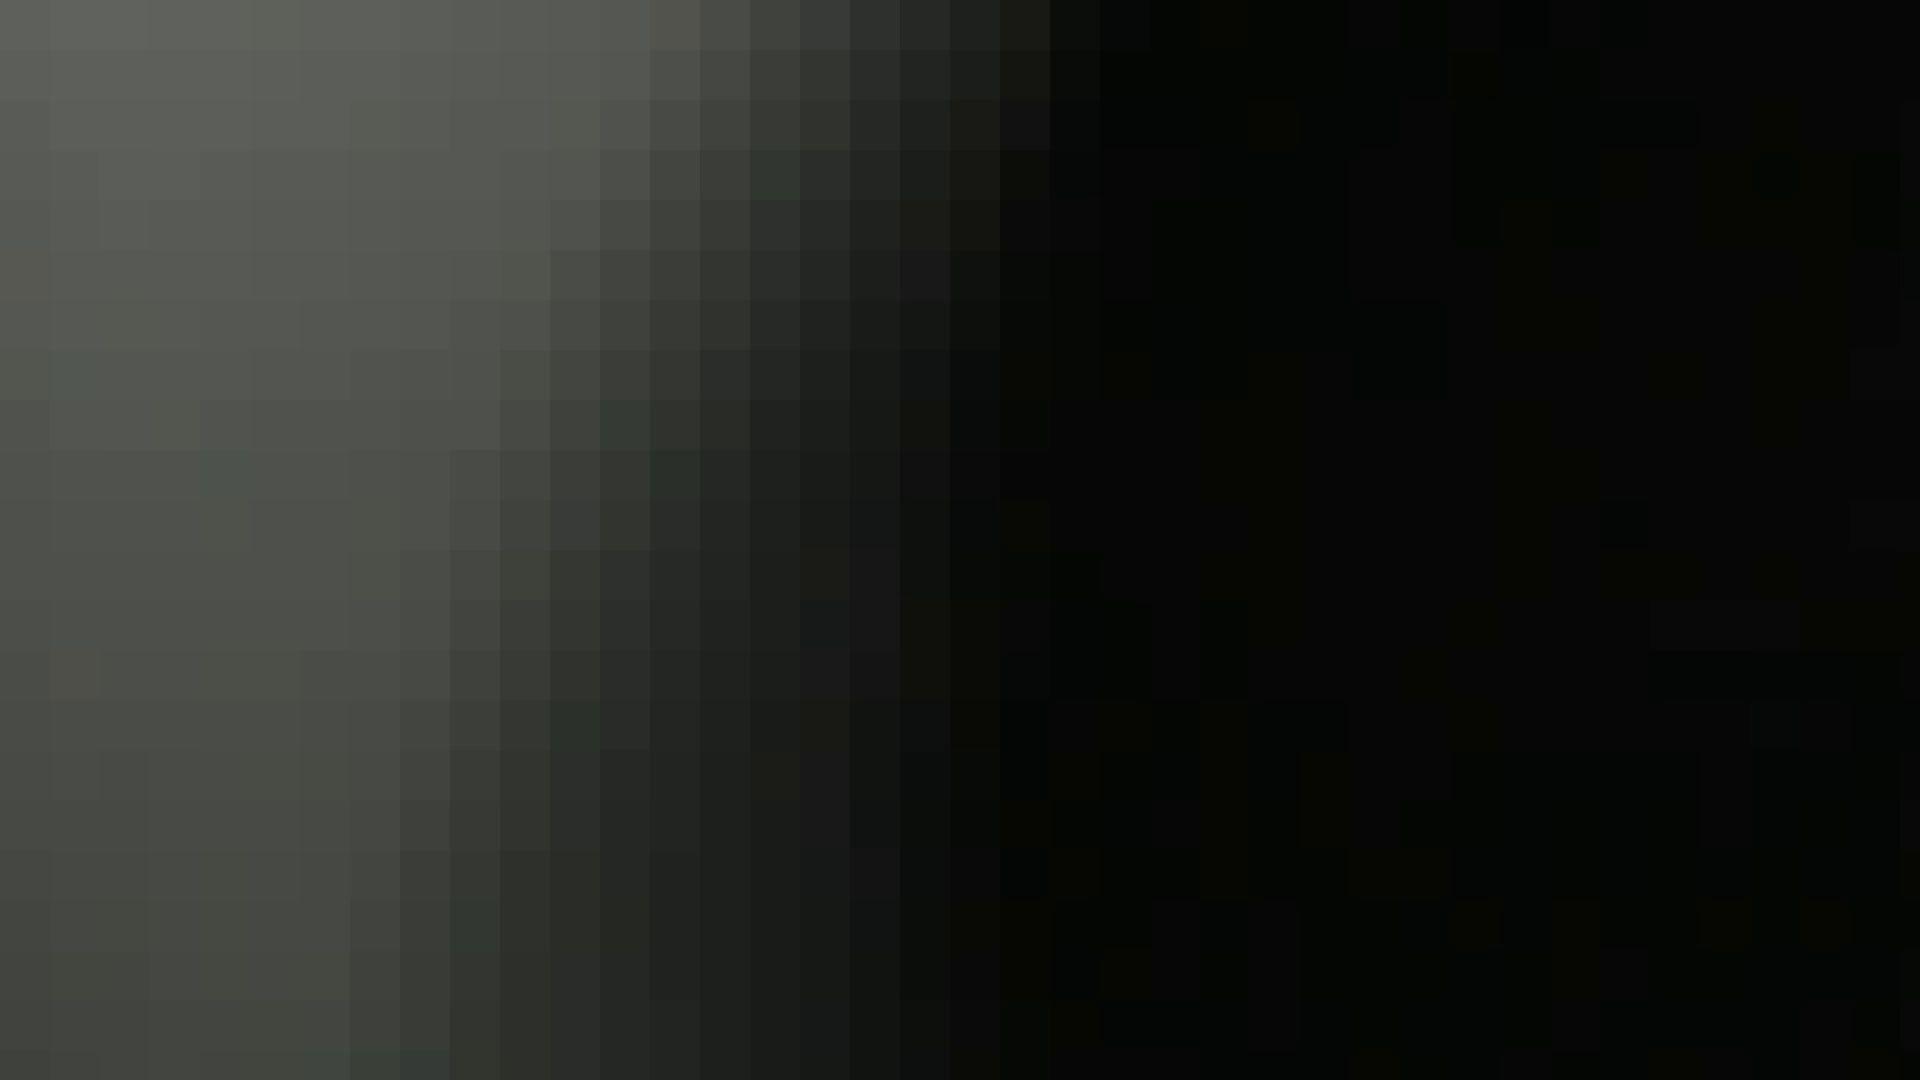 【日本成人用品展览会。超模如云】vol.01 着替|空爆 潜入突撃 | 着替え  103pic 52